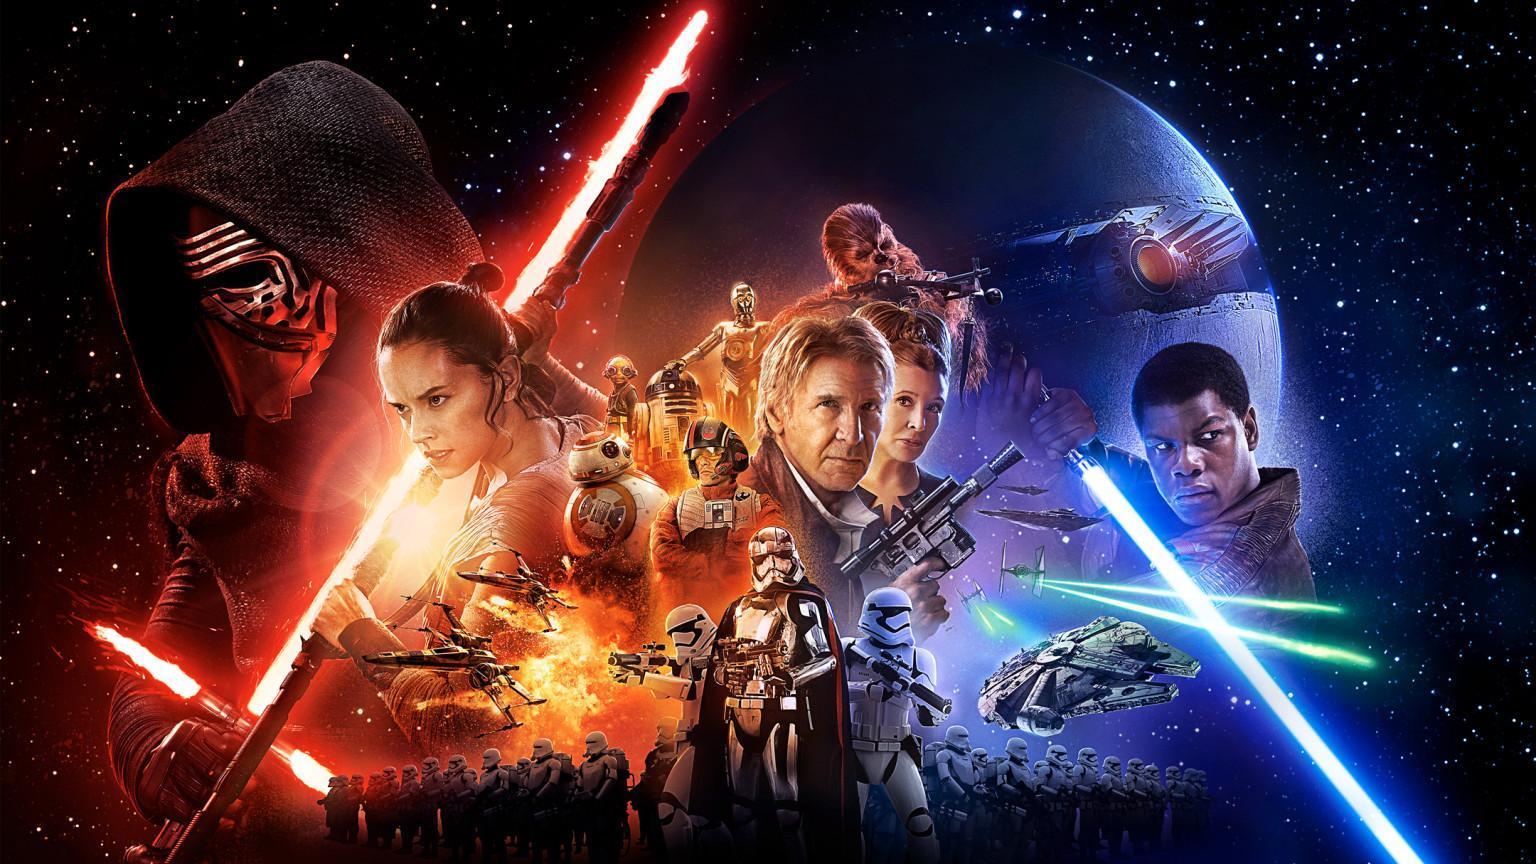 Трейлер седьмого эпизода «Звёздных войн» с русскими субтитрами - 1